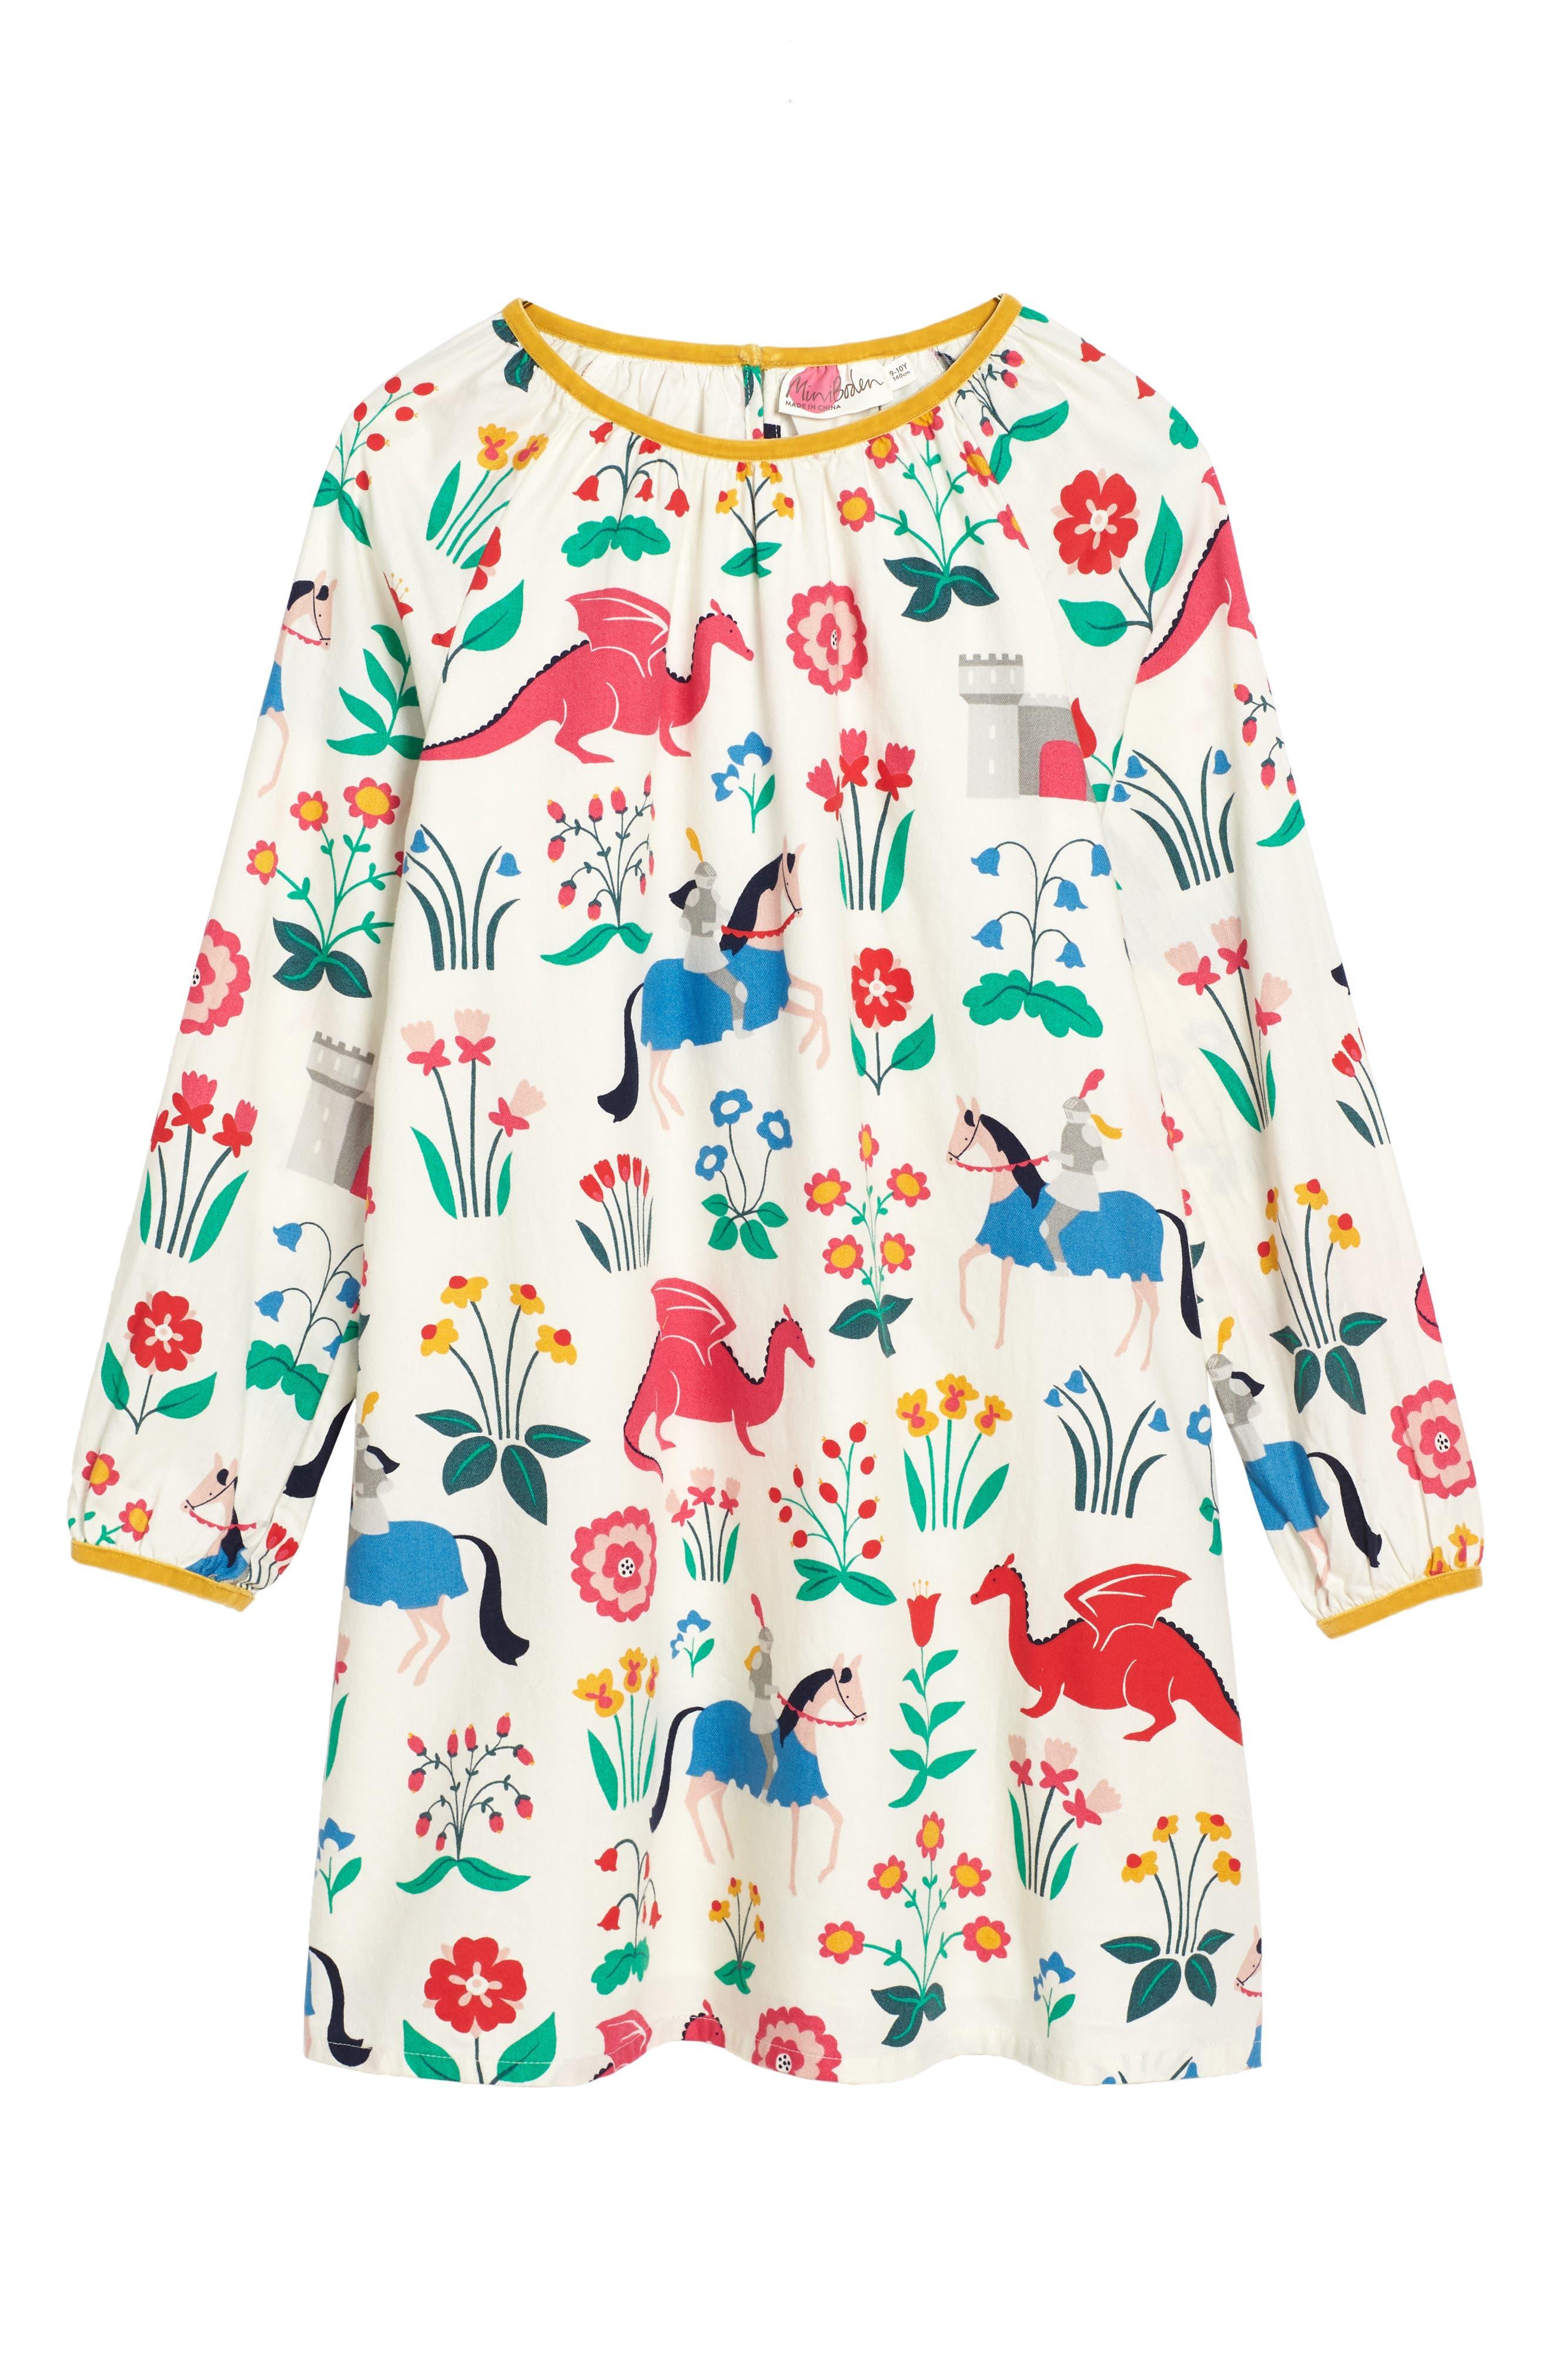 Alternate Image 1 Selected - Mini Boden Print Woven Dress (Toddler Girls, Little Girls & Big Girls)